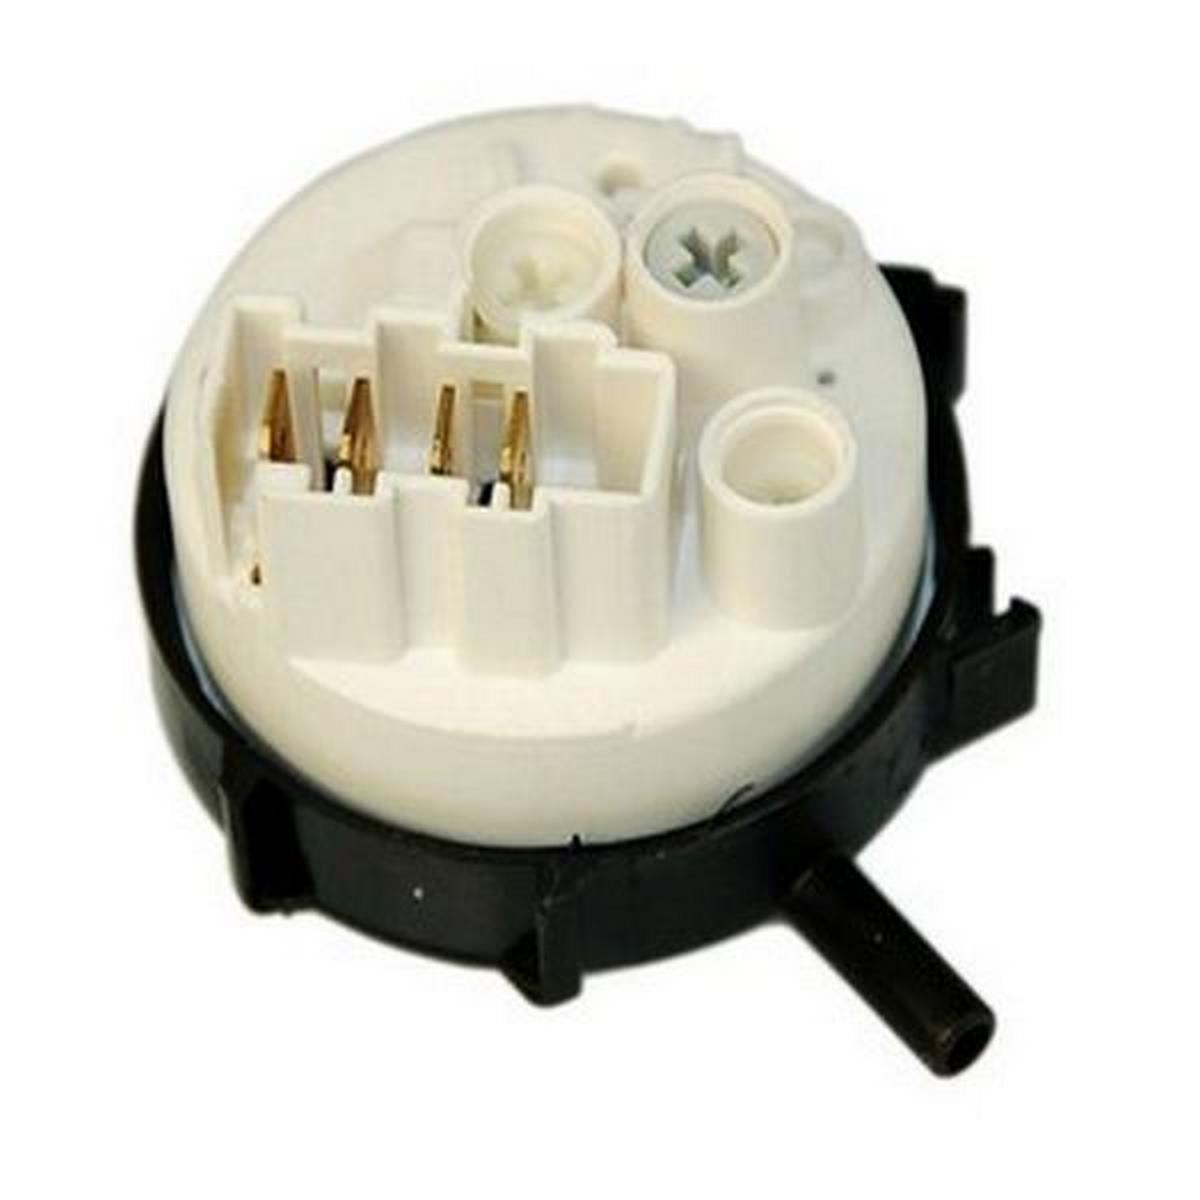 Pressostat Candy 41030745: Amazon.es: Grandes electrodomésticos